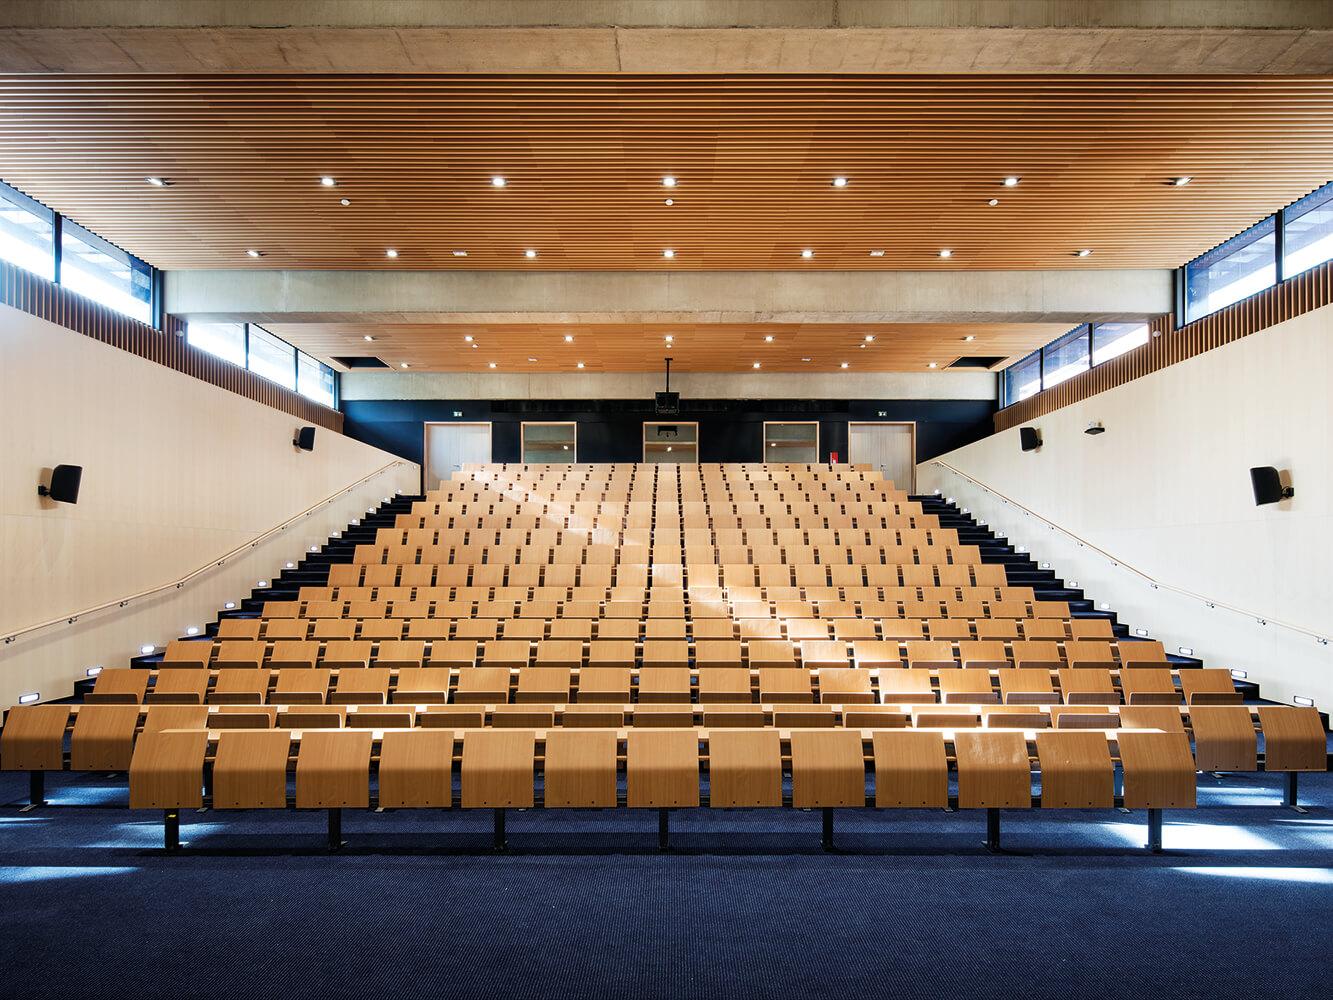 Centre de Formation du Ministère de l'Intérieur - E4000 By LAMM